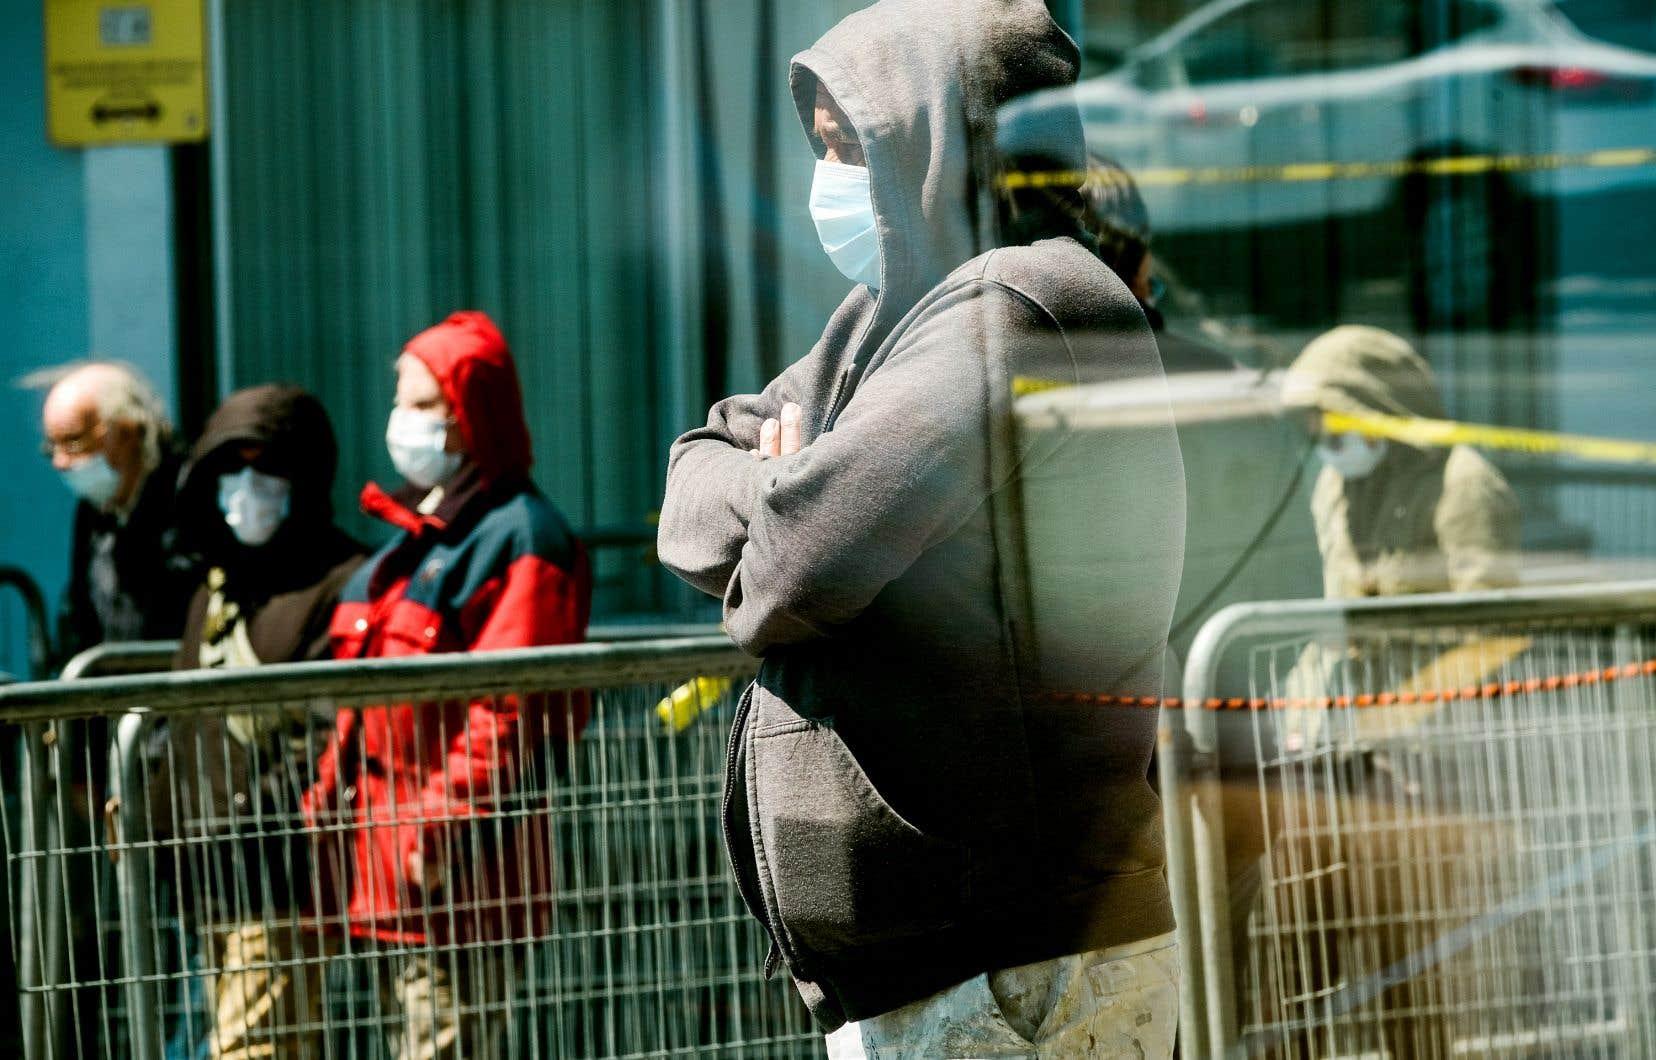 Le plus récent bilan fait état de 138 nouveaux cas, gonflant le nombre total de personnes infectées à 53 185.